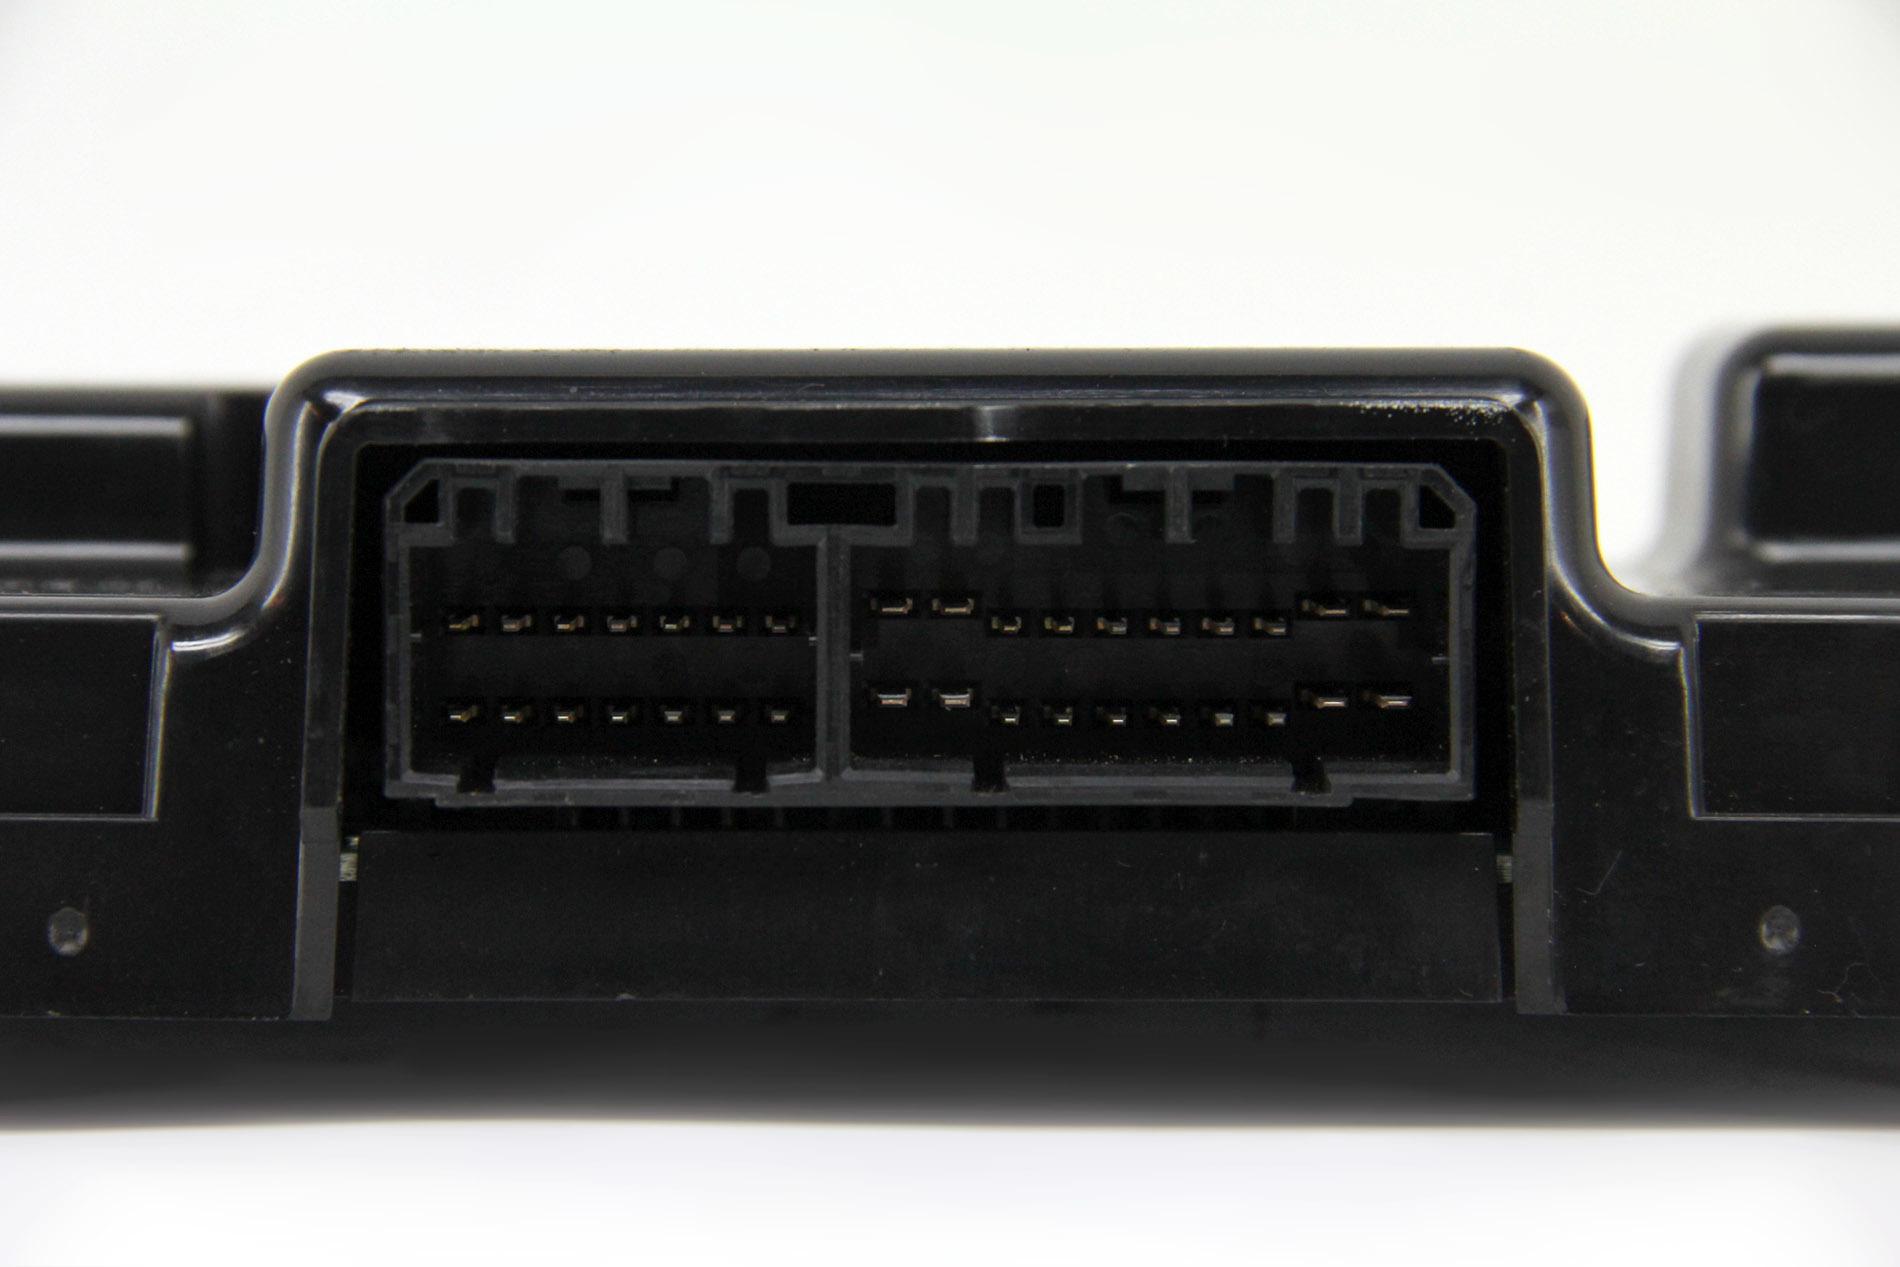 ... Honda Odyssey Tire Pressure Monitor Module Receiver Unit 39350 SHJ A62  OEM 05